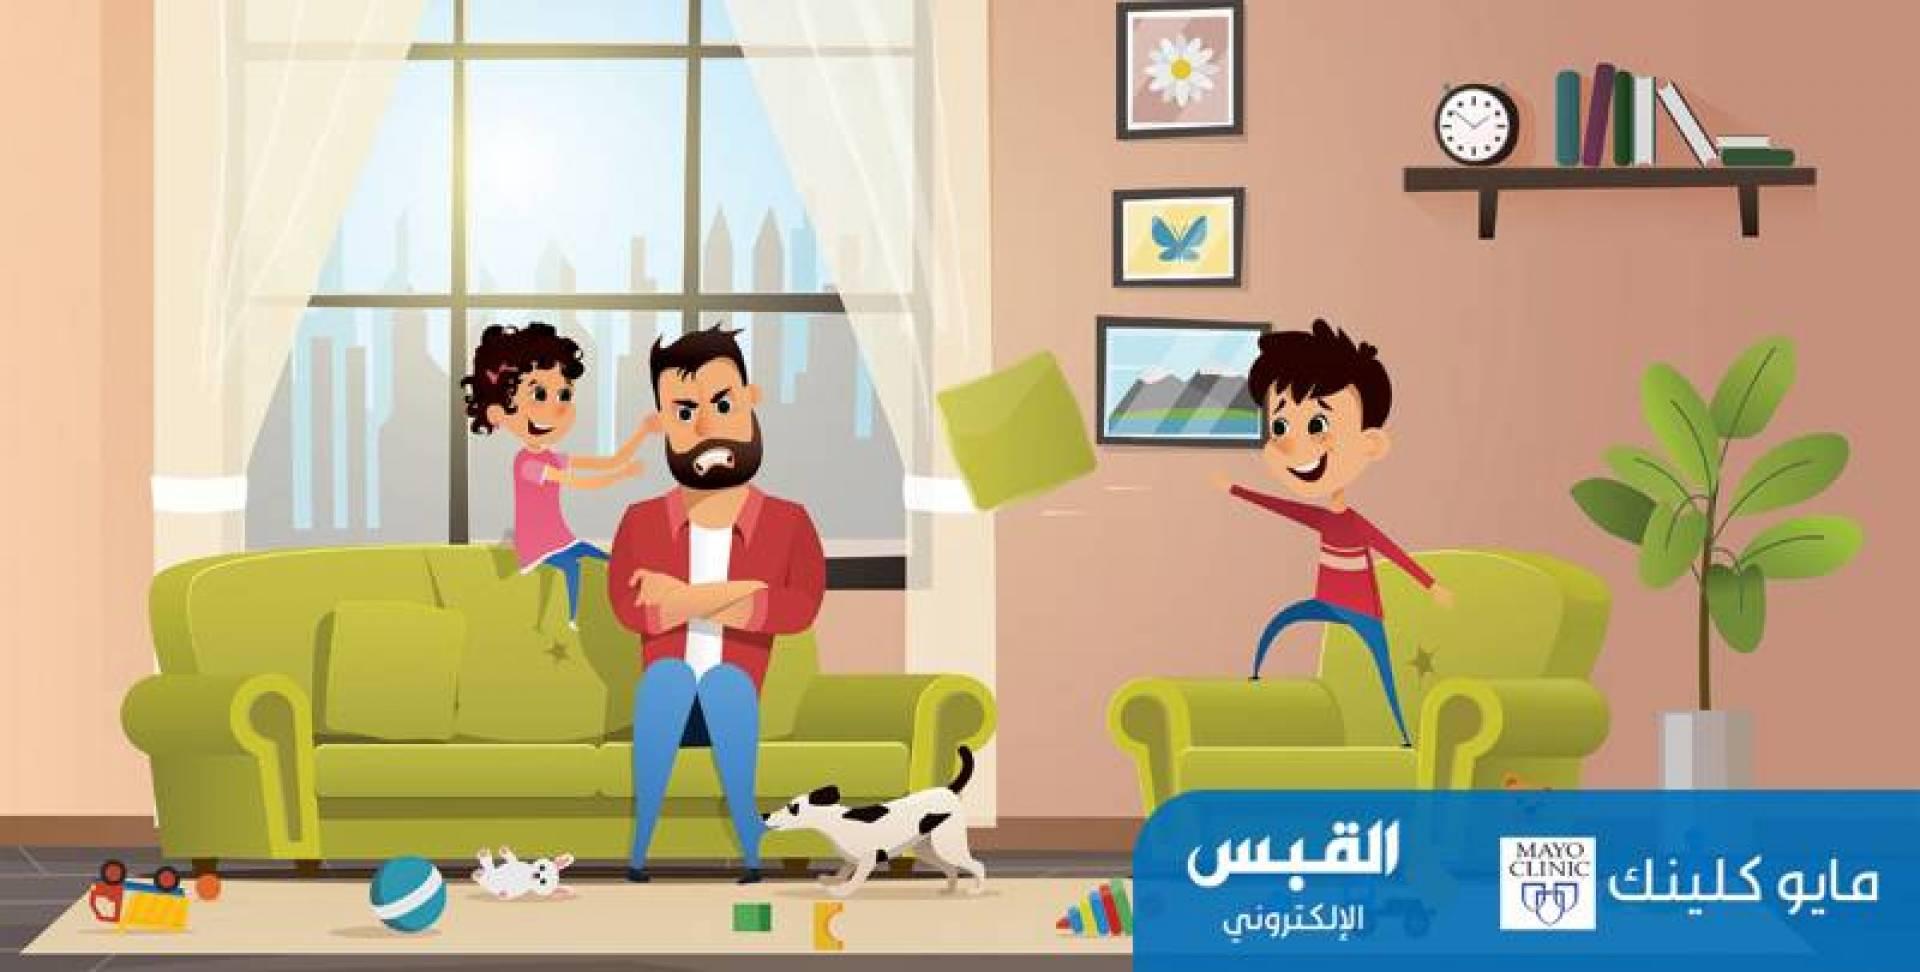 المواد الحافظة تصيب الأطفال بفرط النشاط!